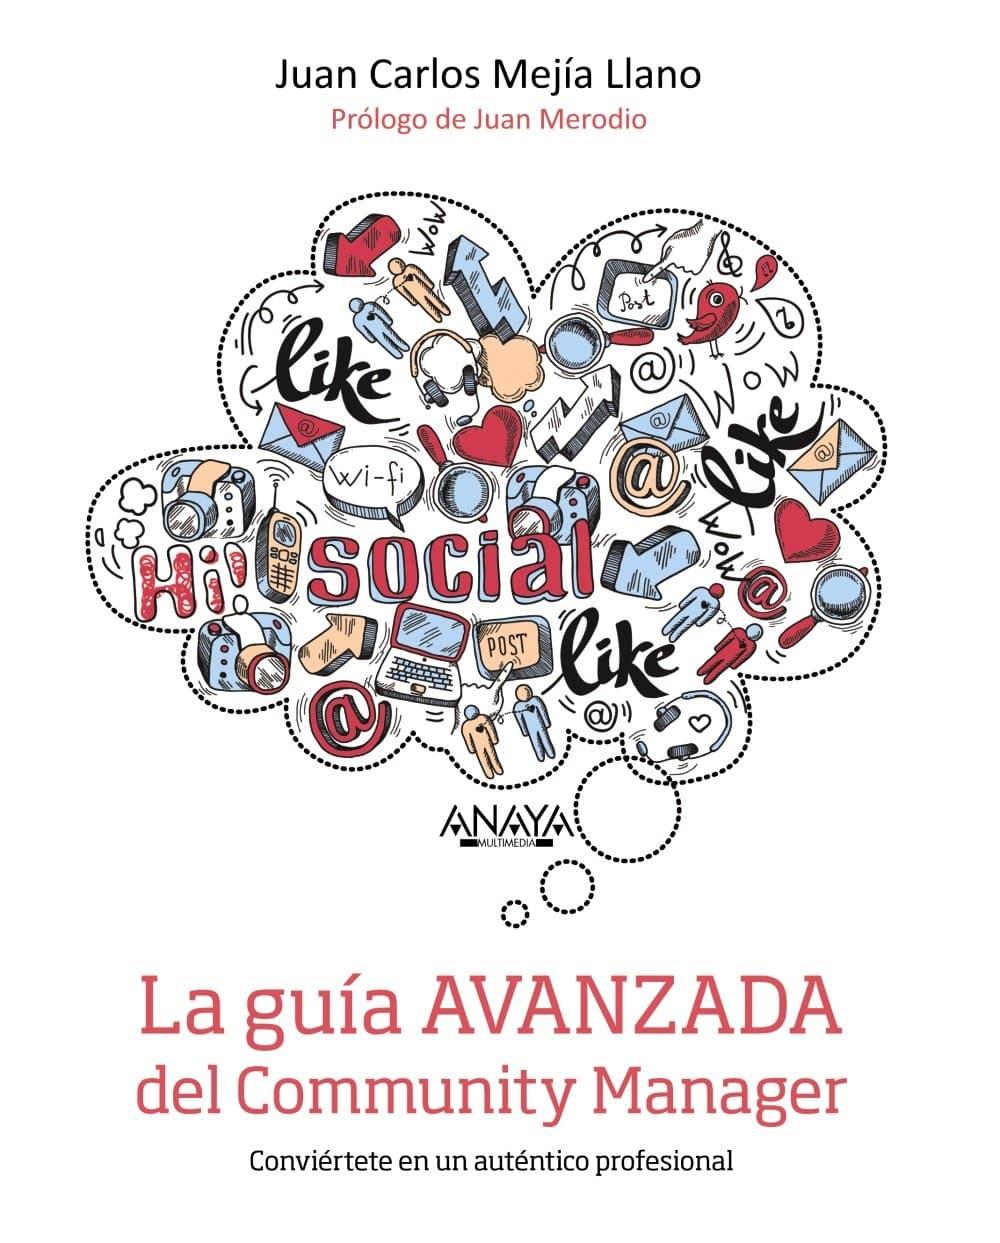 Portada del libro La guía avanzada del Community Manager de Juan Carlos Mejía Llano